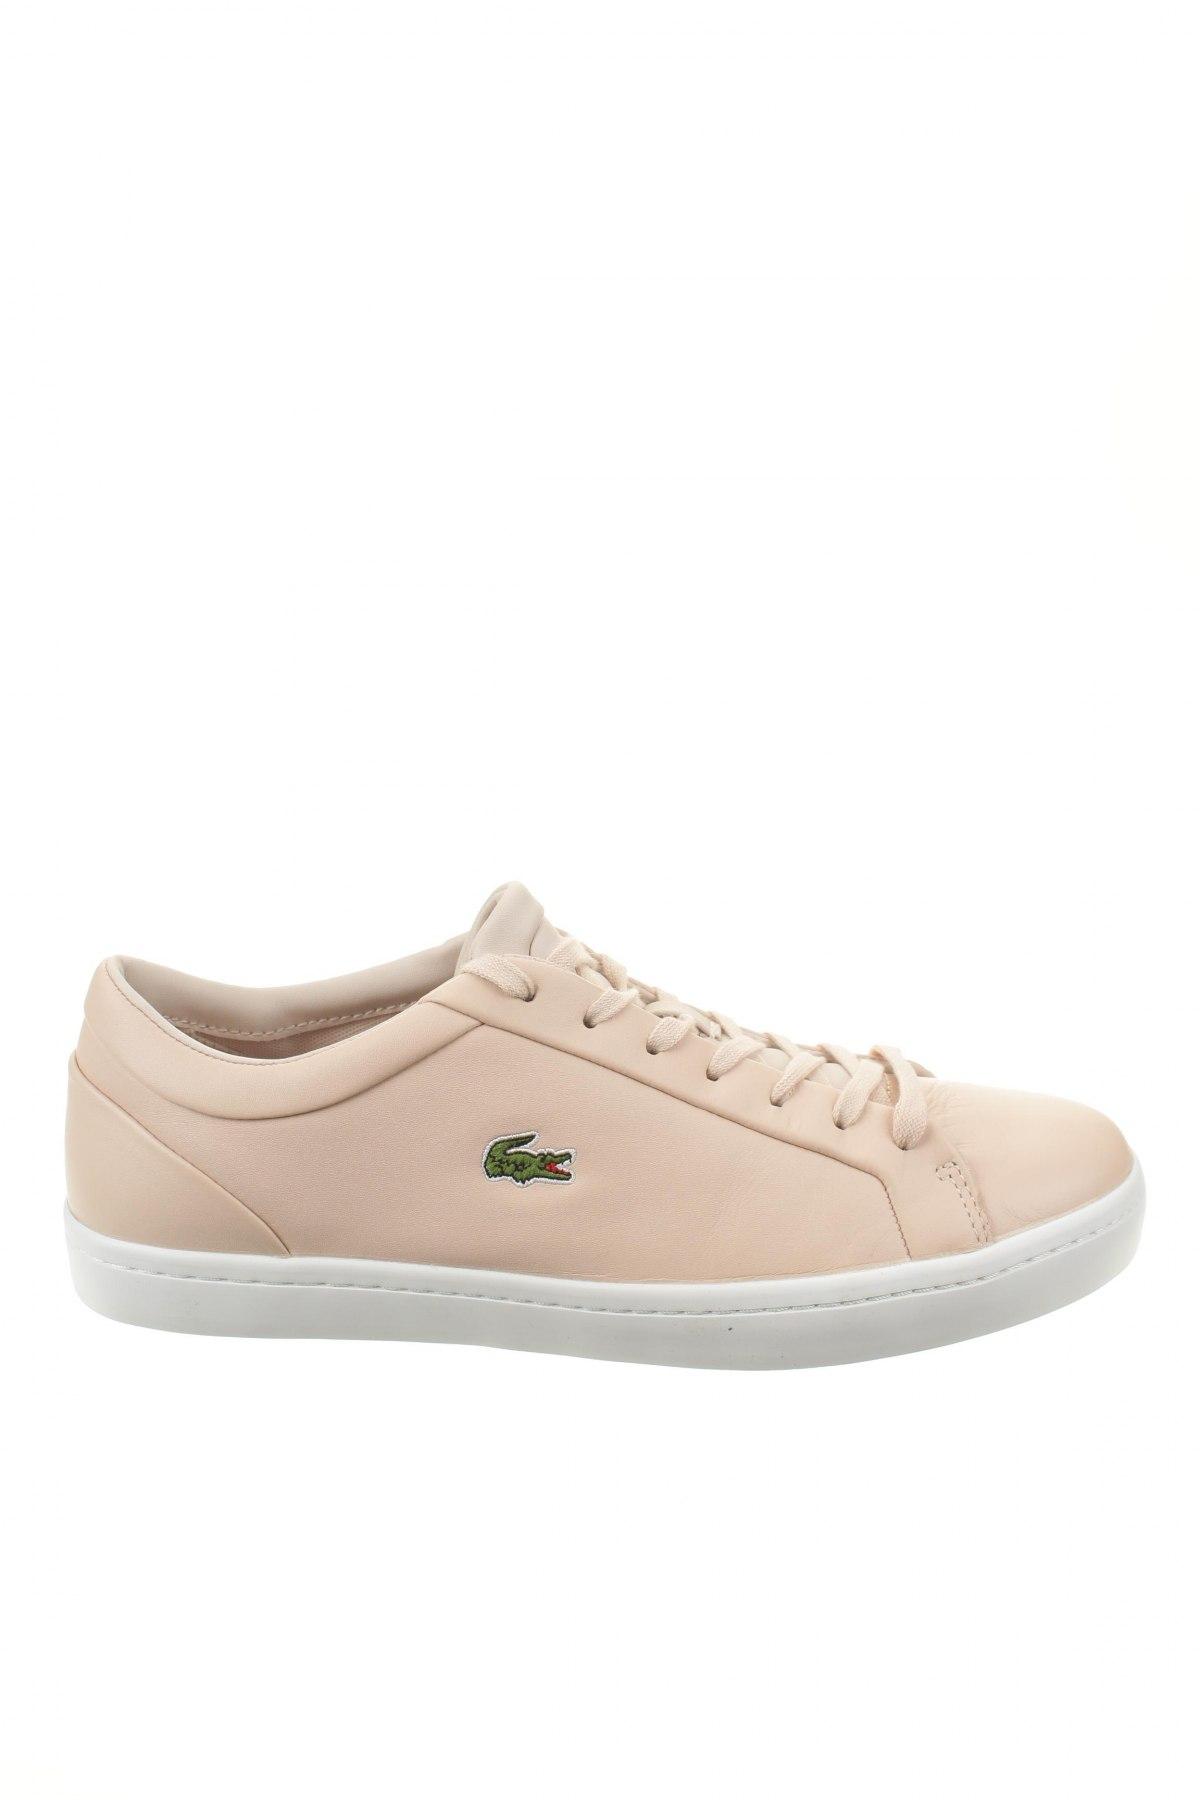 Dámské boty Lacoste - koupit za vyhodné ceny na Remix -  103168033 5ec9a3016b